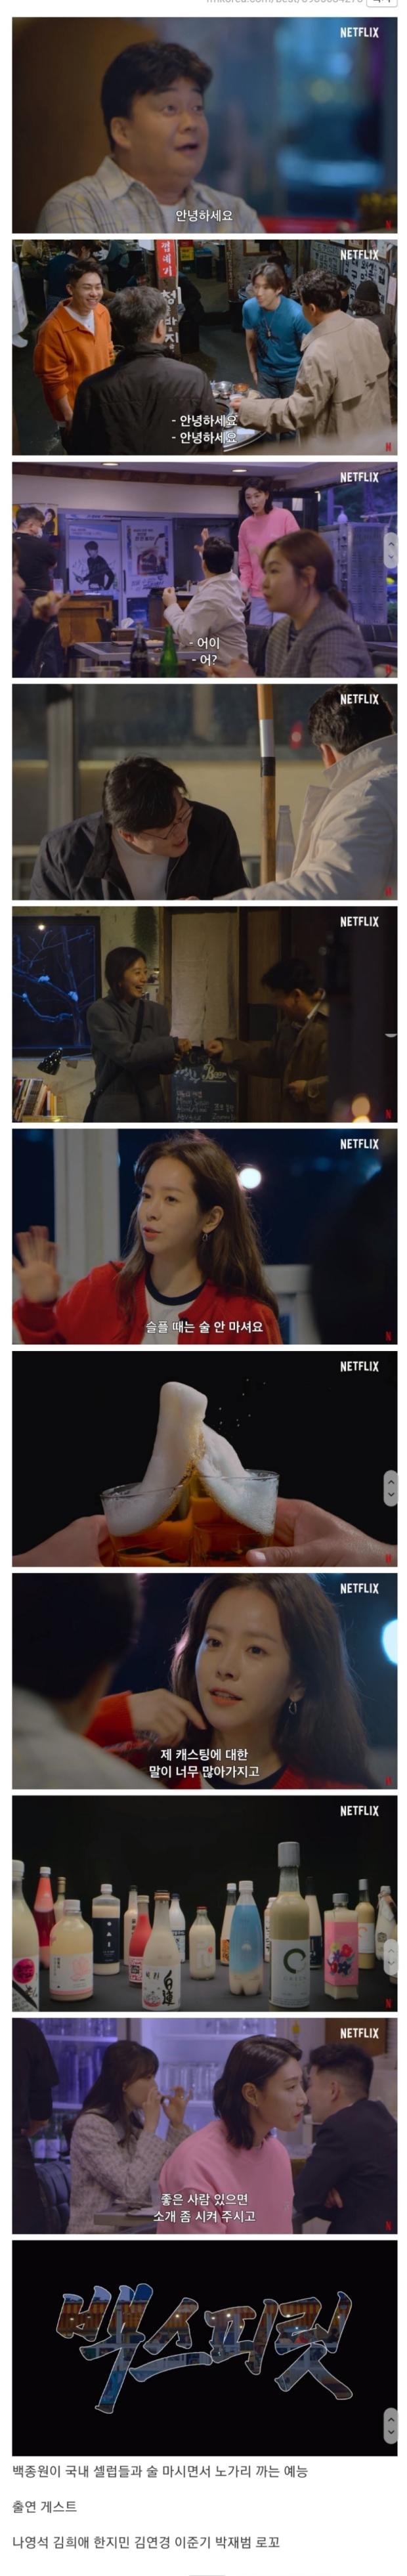 10월 1일에 공개되는 넷플릭스 한국 예능